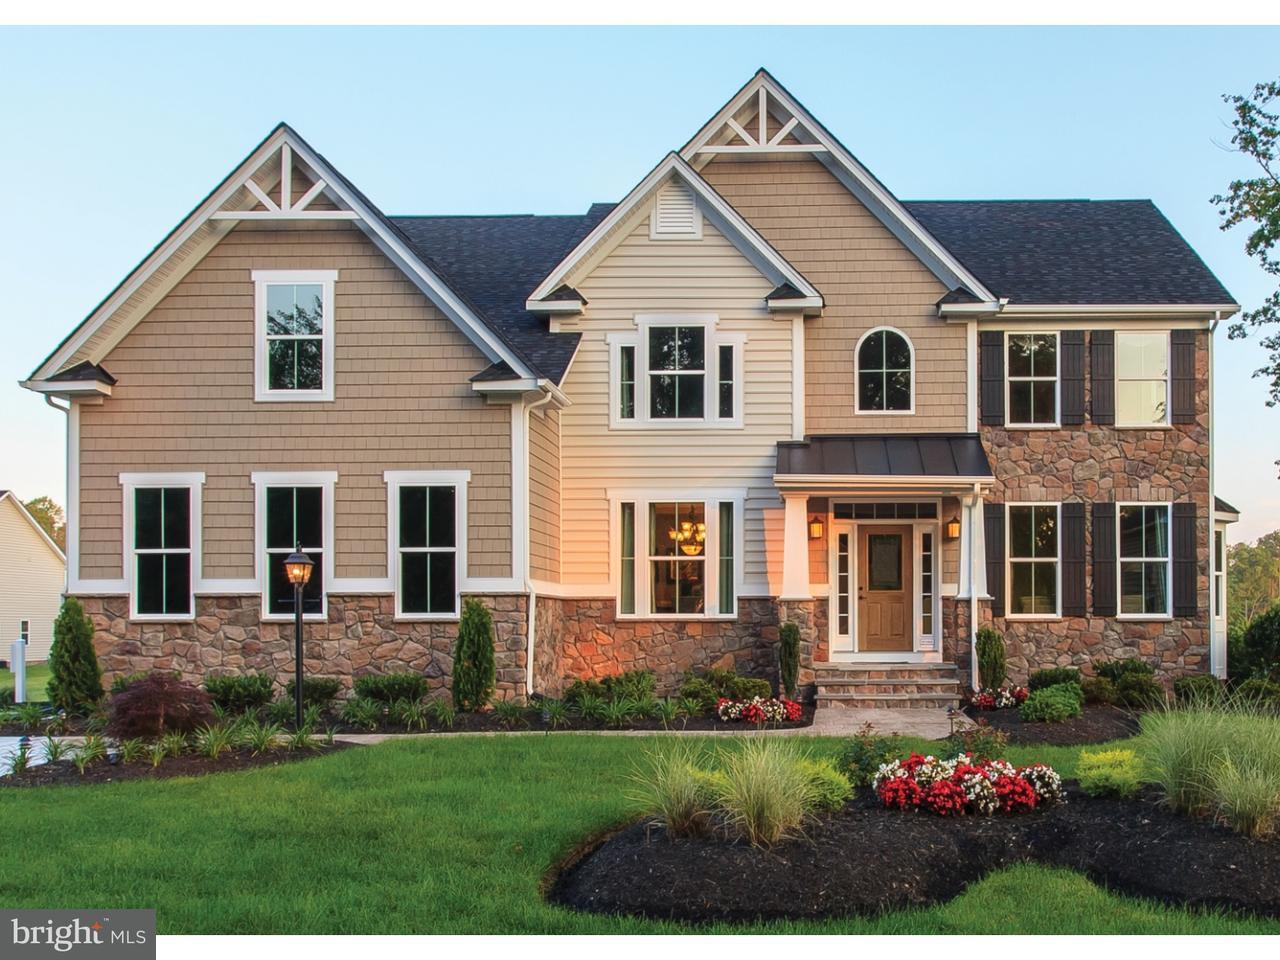 Maison unifamiliale pour l Vente à 4 PEAR TREE Court Delran, New Jersey 08075 États-Unis